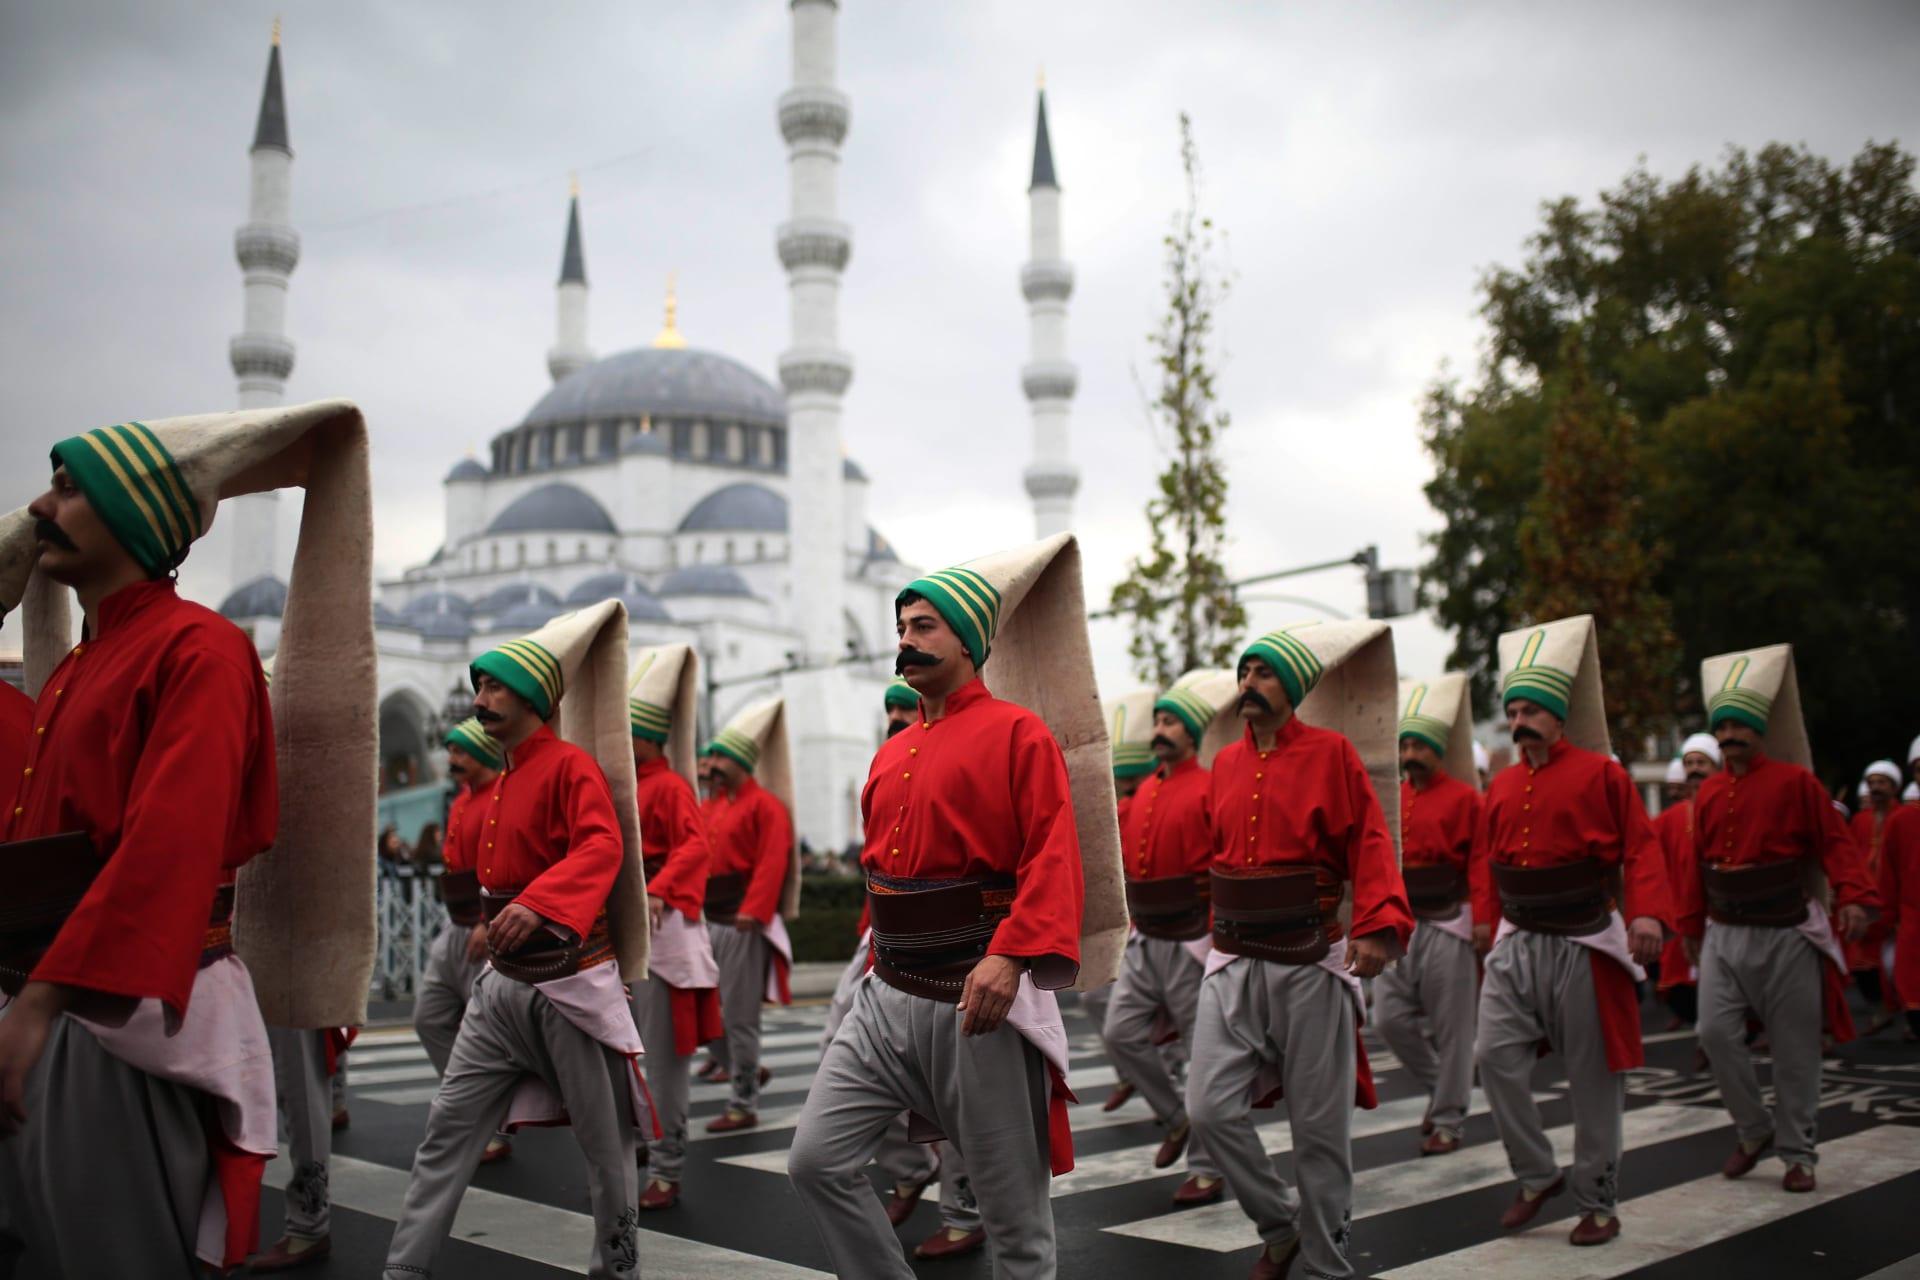 صورة أرشيفية لجنود أتراك بزي من الحقبة العثمانية خلال استعراض 2017